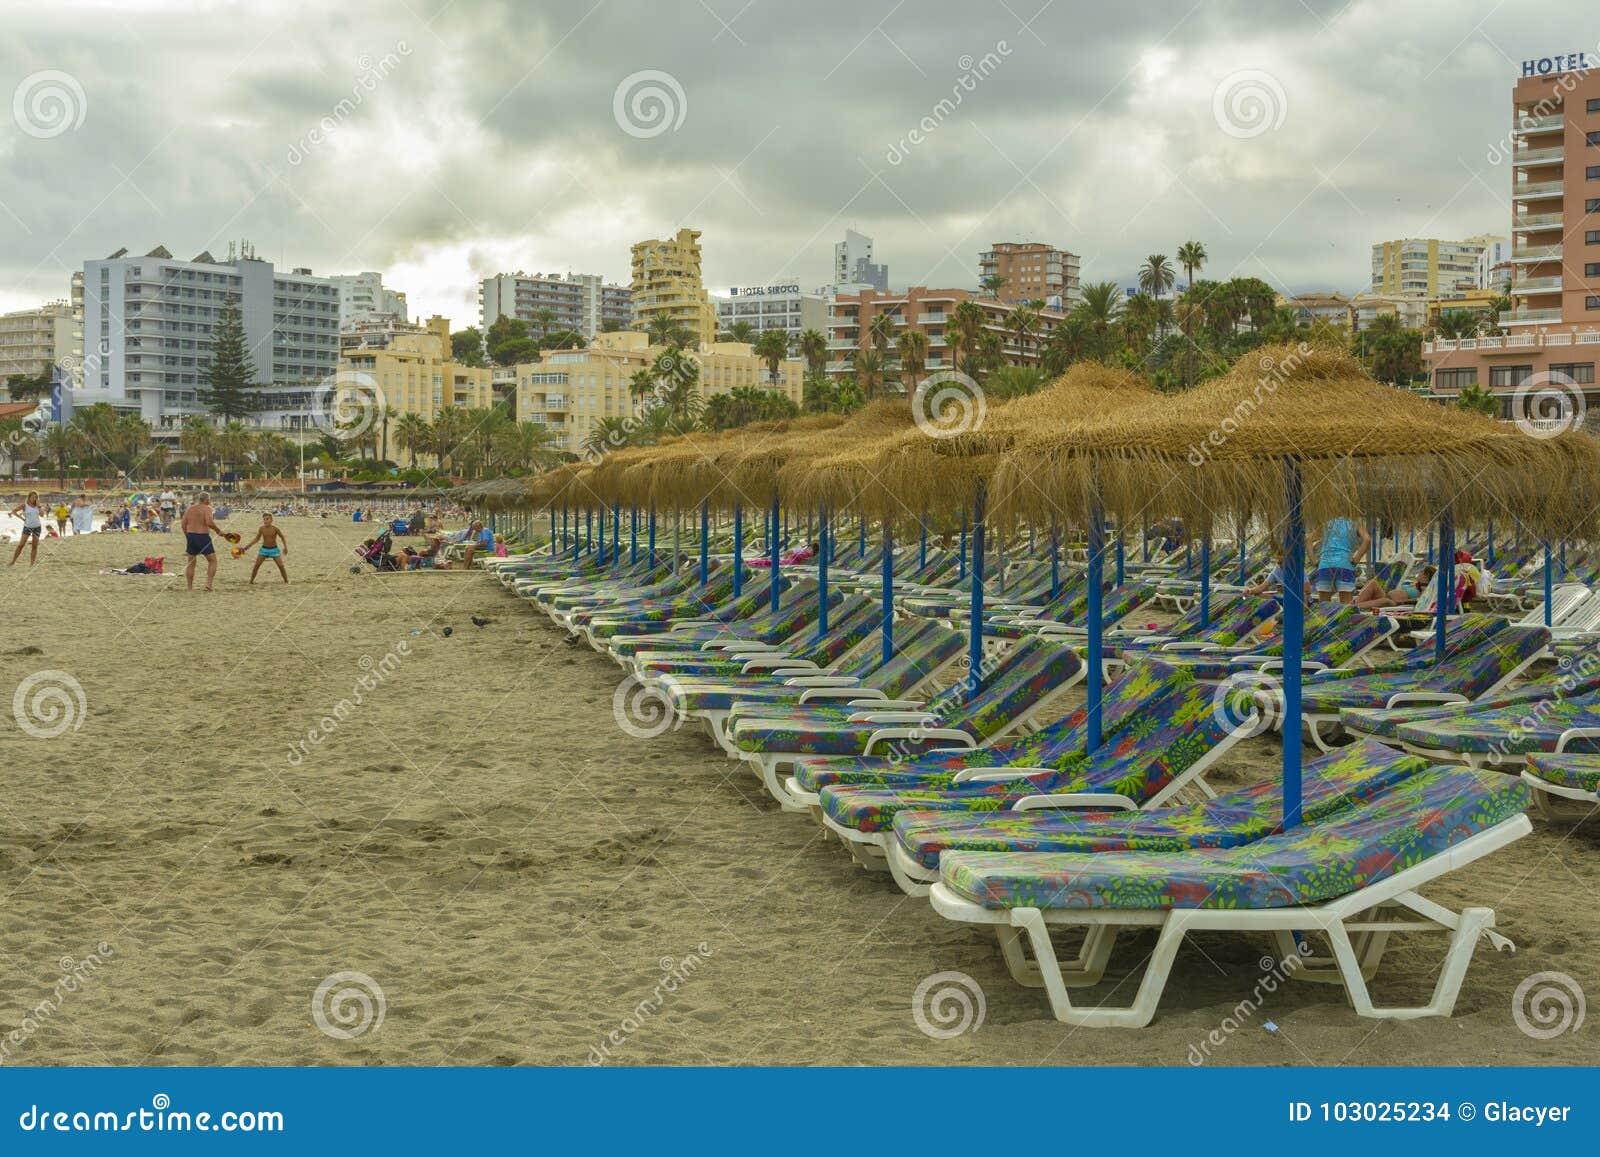 Benalmadena海滩,安达卢西亚省,西班牙